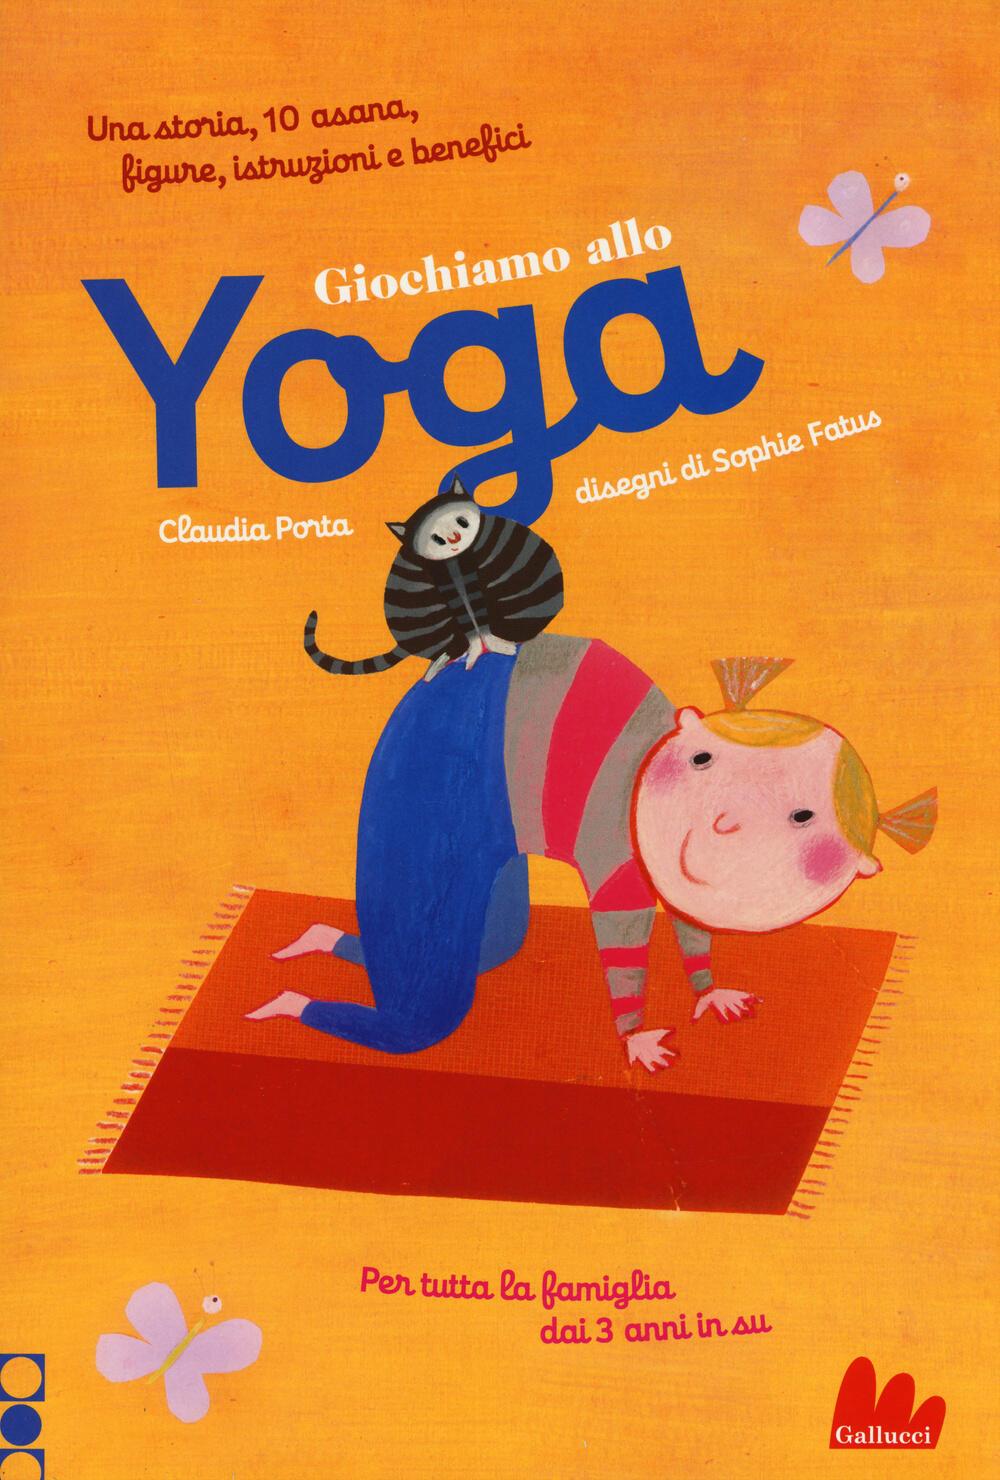 Giochiamo allo yoga claudia porta sophie fatus - Porta libri montessori ...